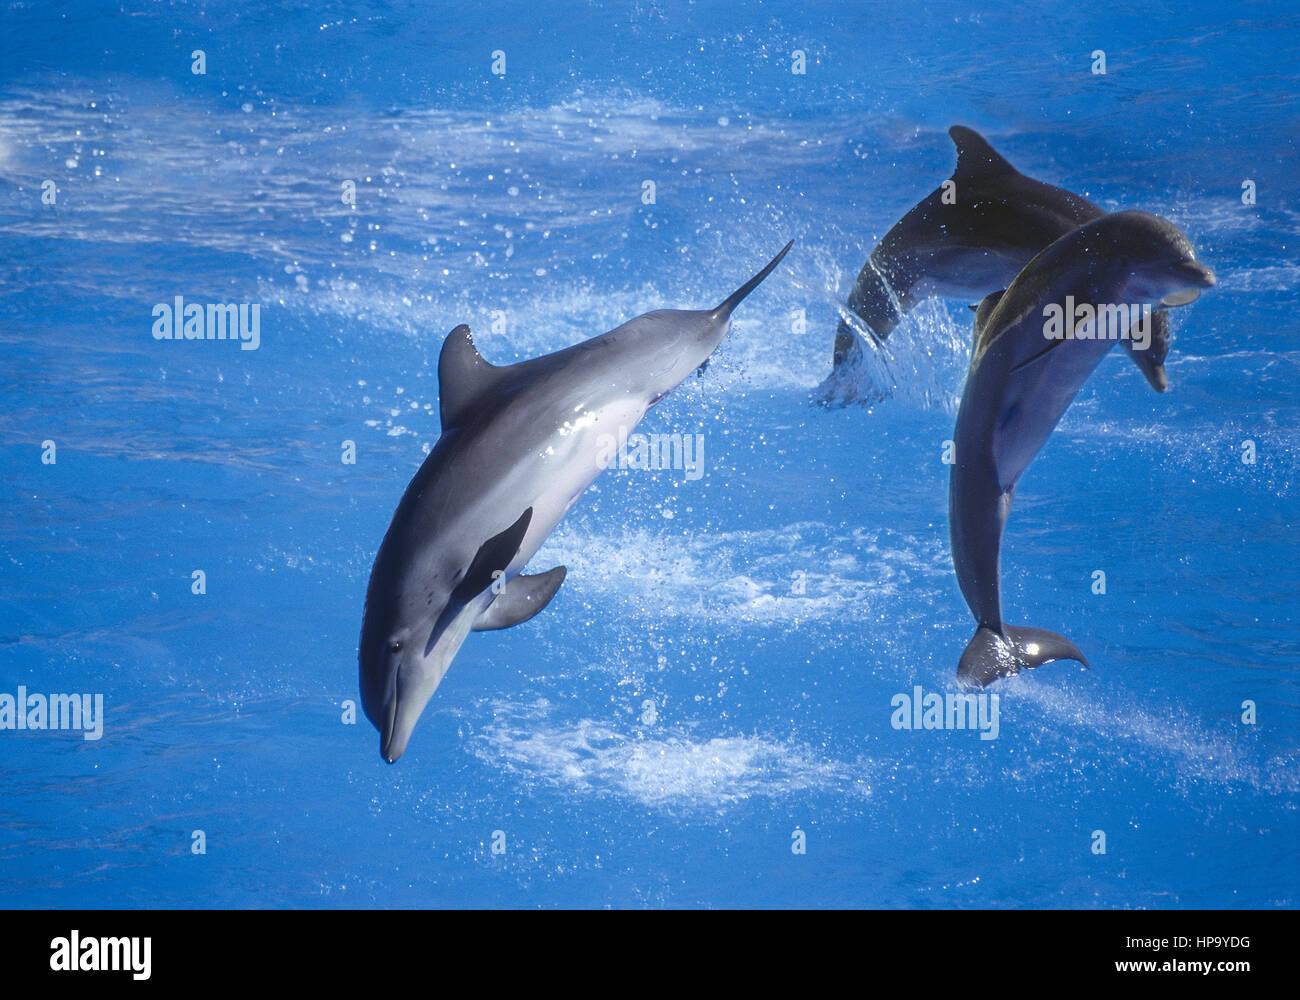 Drei Delfine springen bei Delfinshow - Stock Image